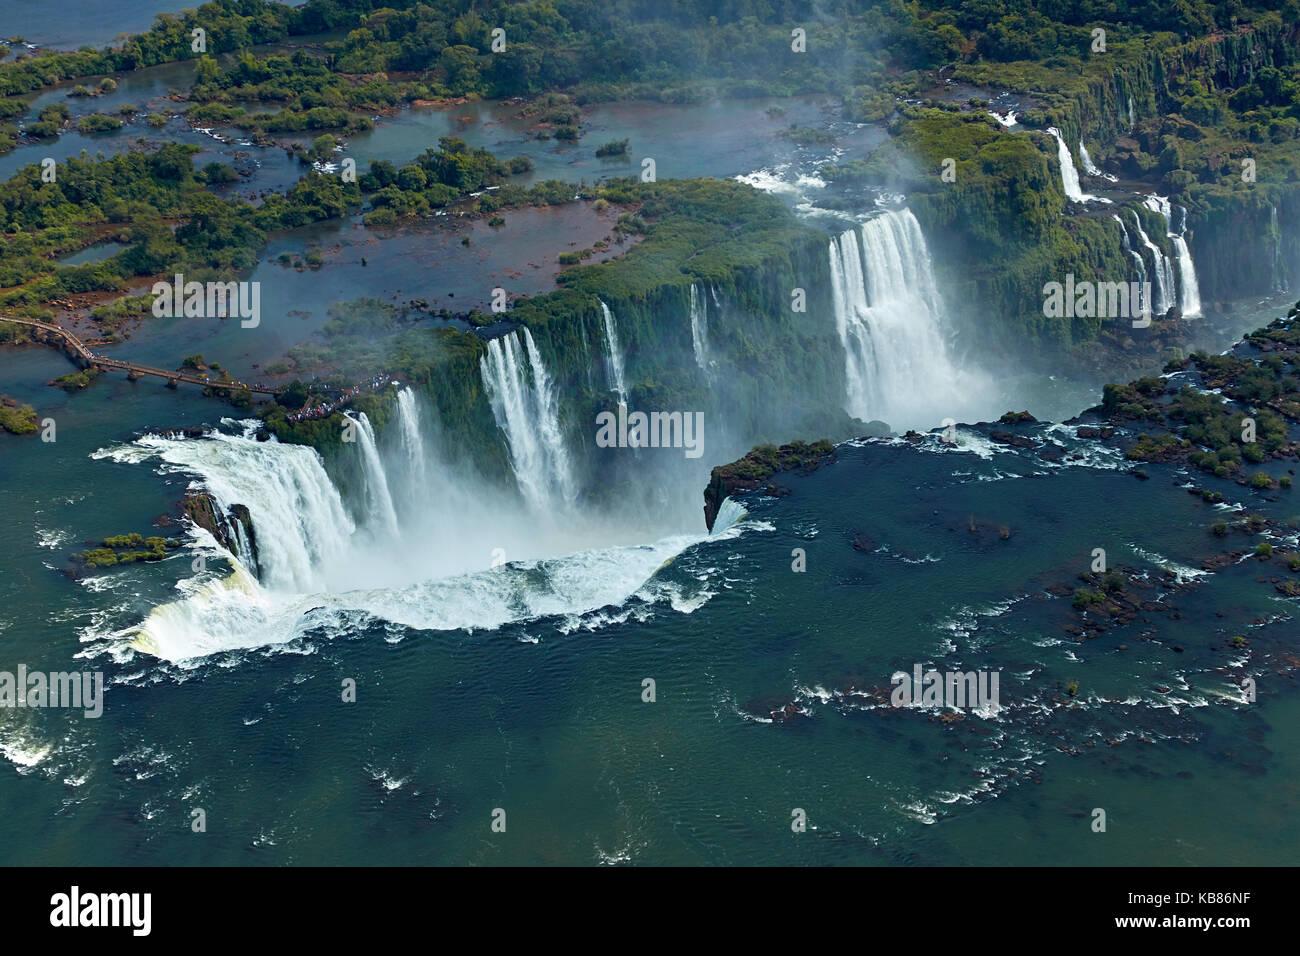 Passerelle et de la gorge du diable (garganta do diabo), chutes d'Iguaçu, Brésil - Argentine sur la frontière, l'Amérique Banque D'Images